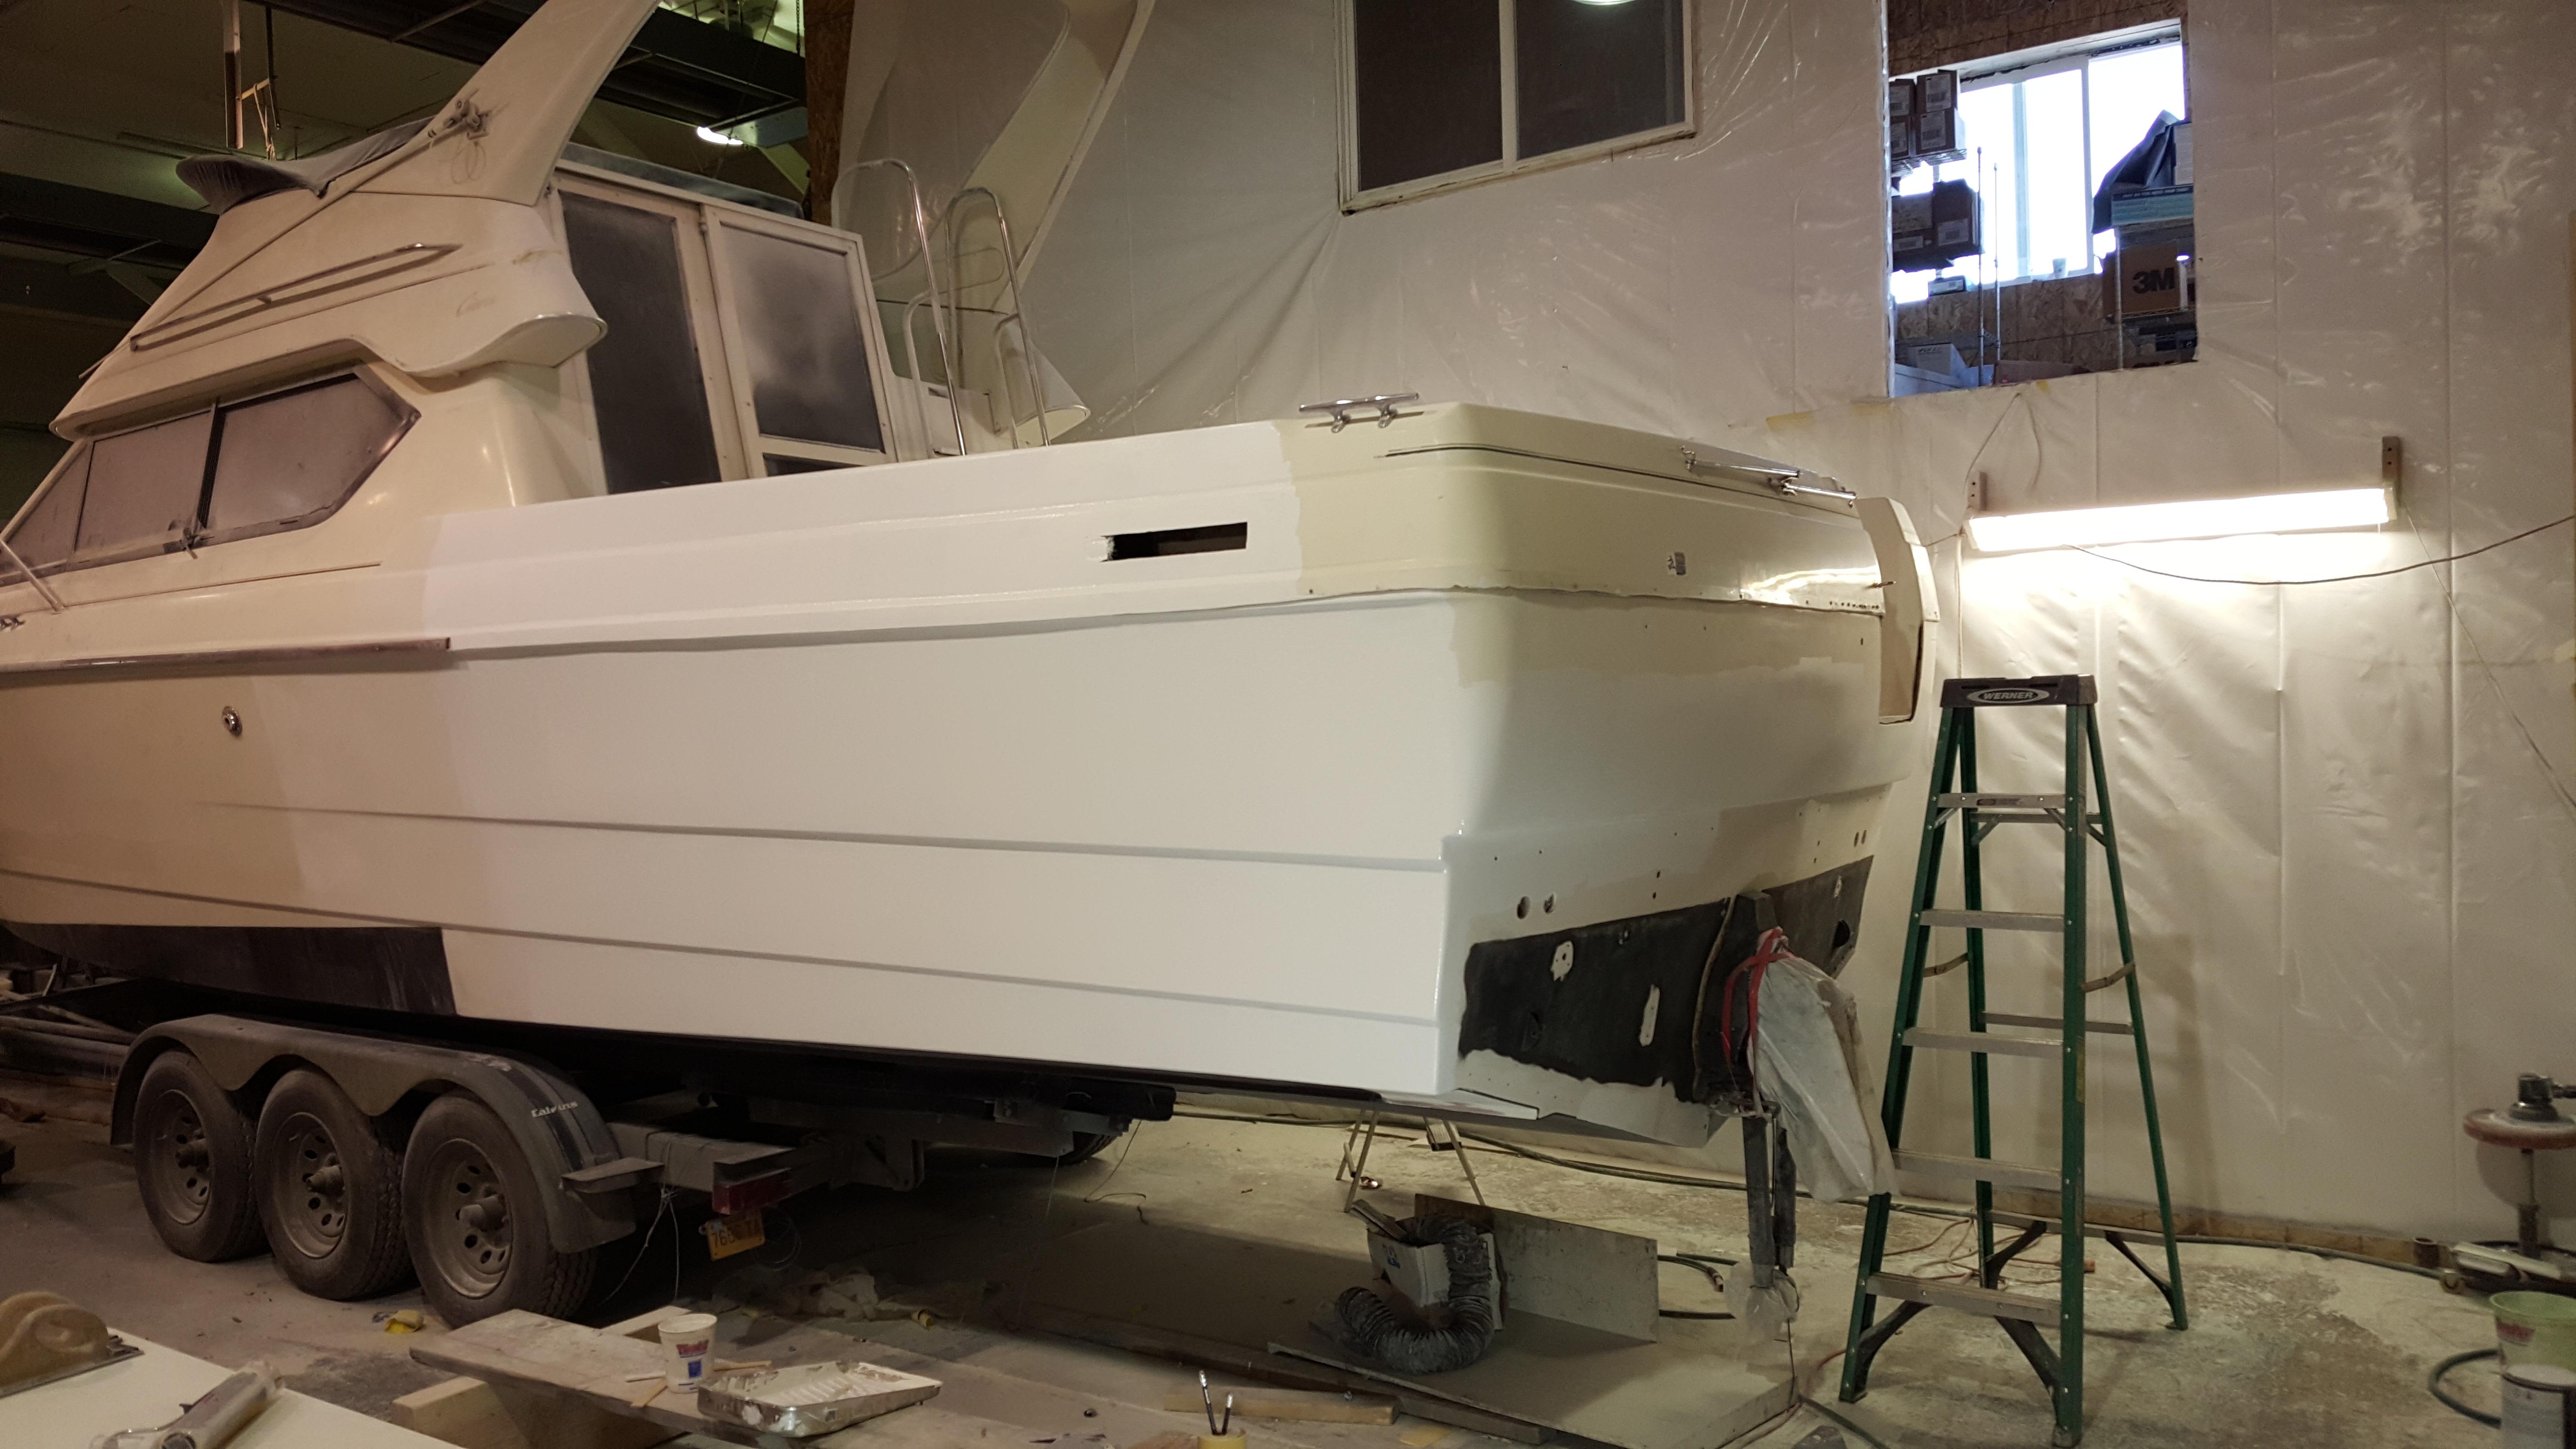 Boat Image 87